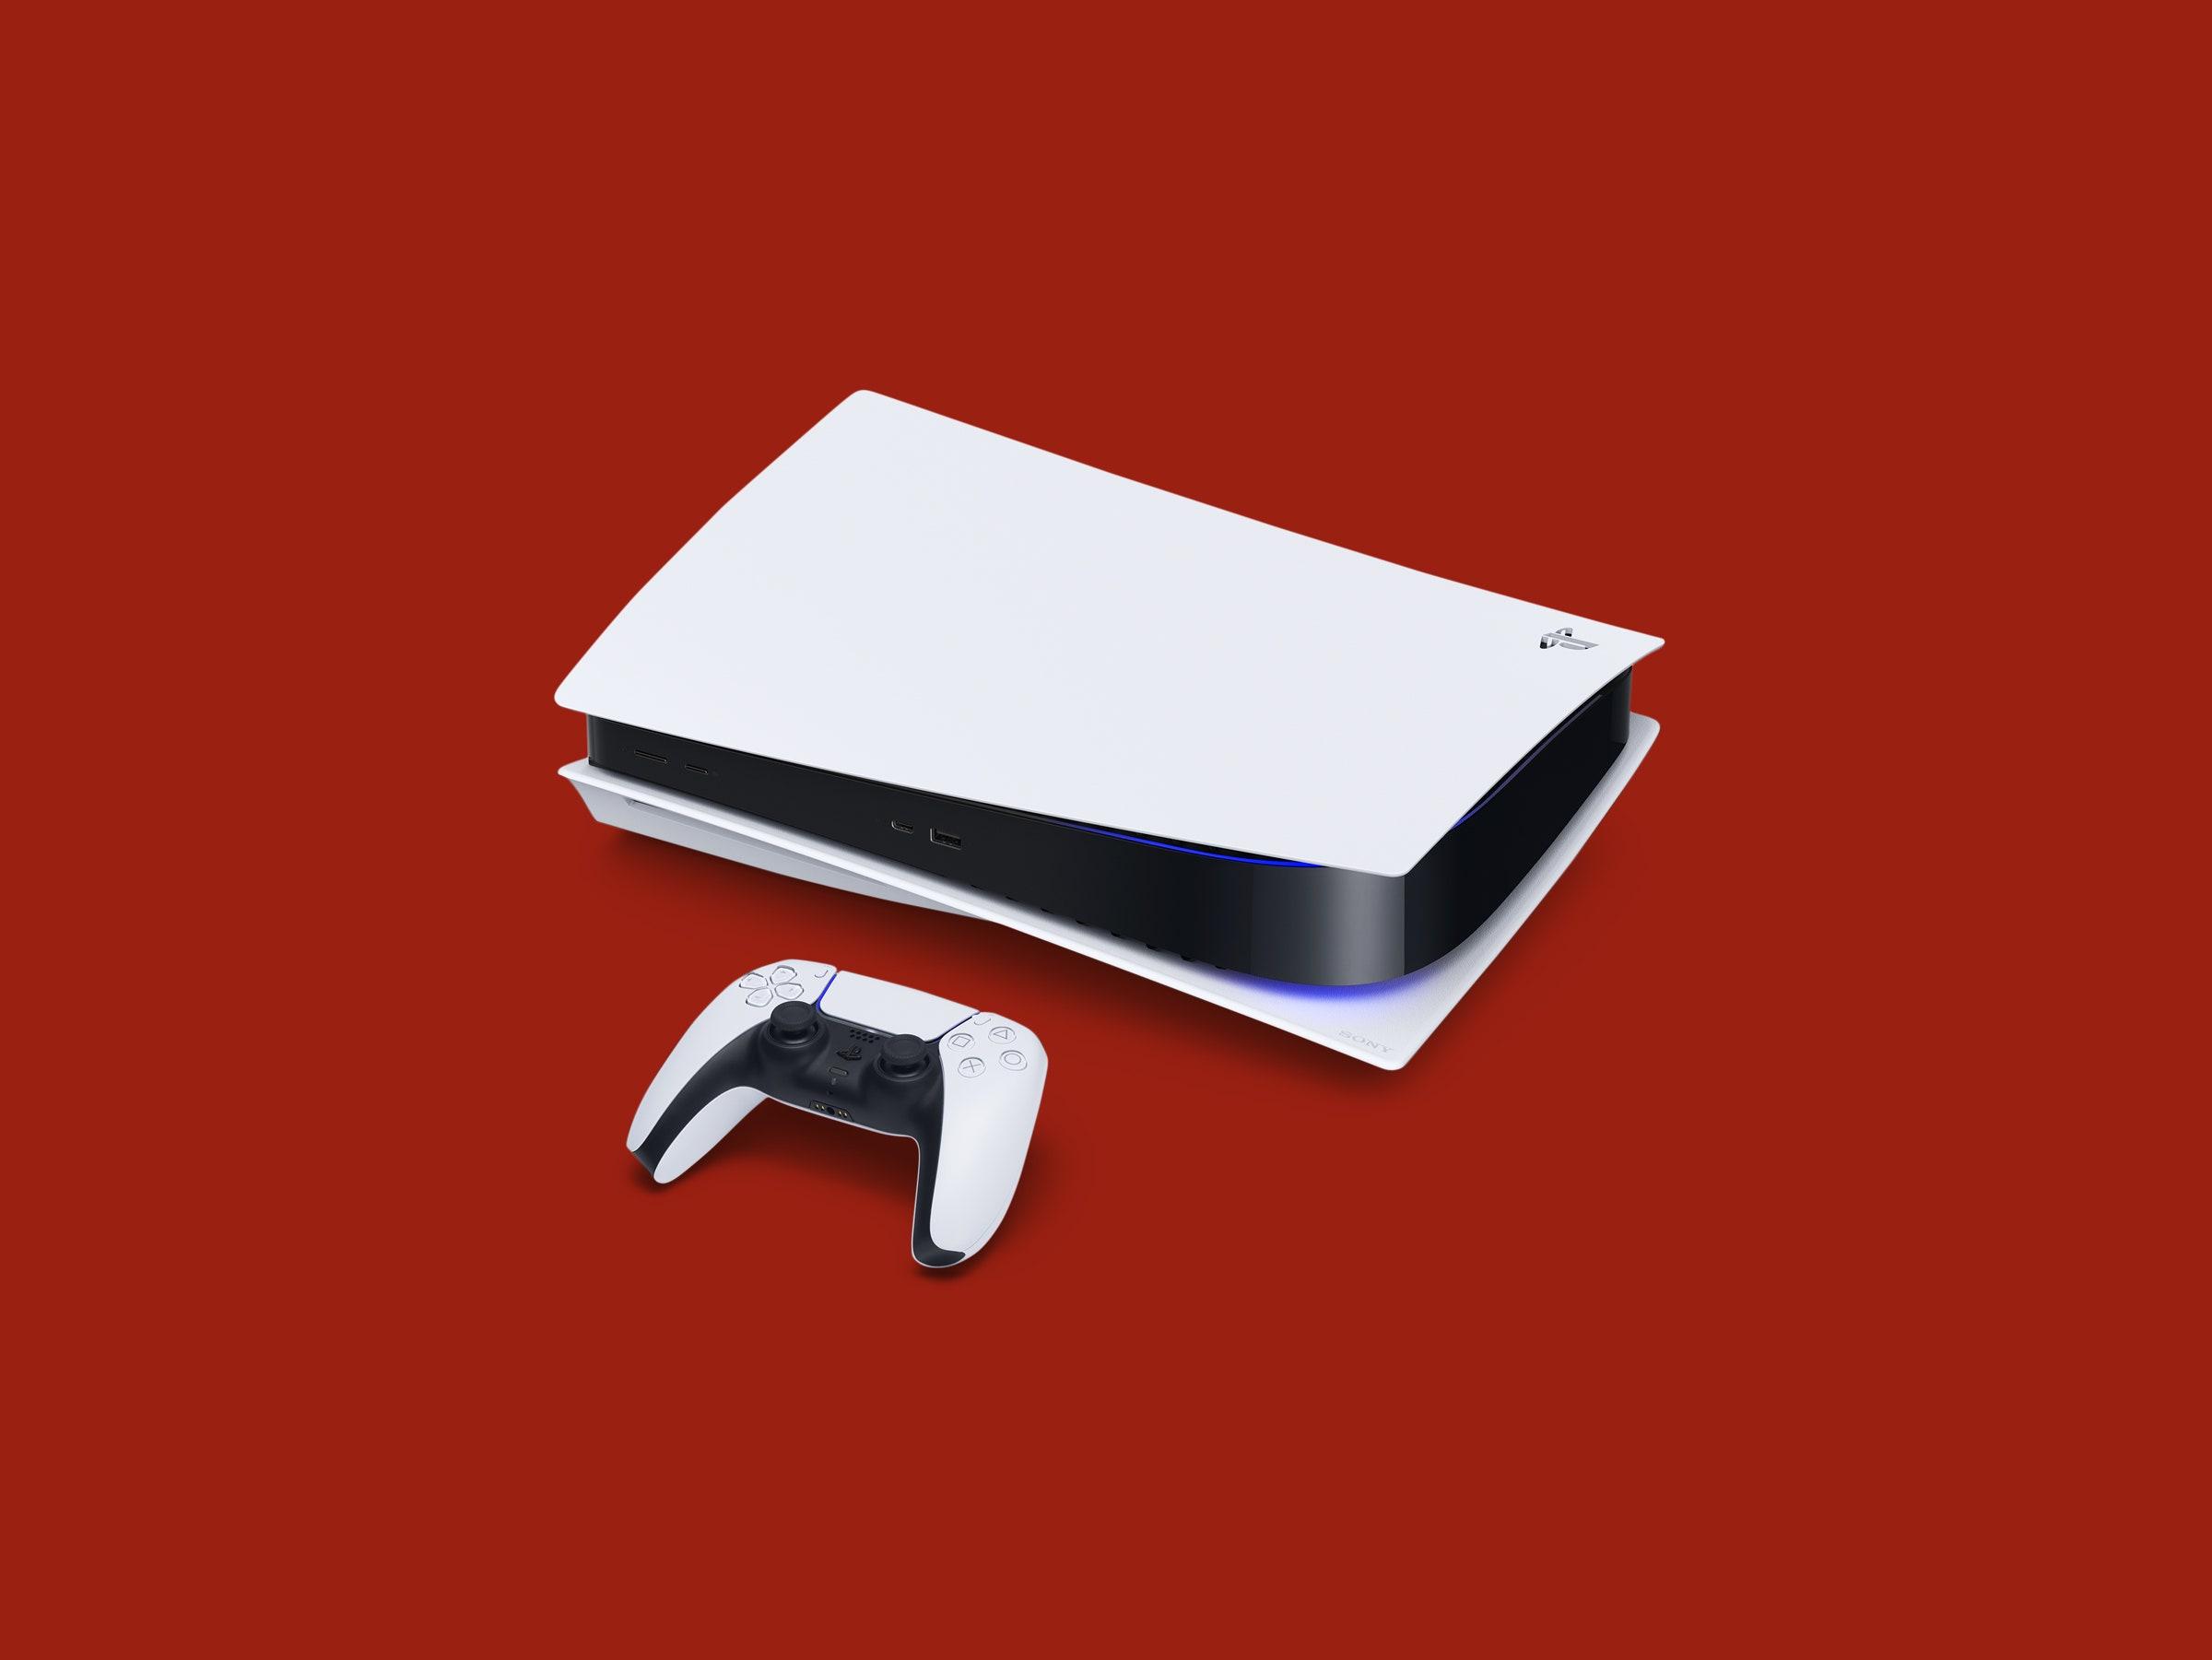 راهنمای خرید کنسول بازی PS5 | کدام را بخریم PS5 یا PS5 Digital Edition